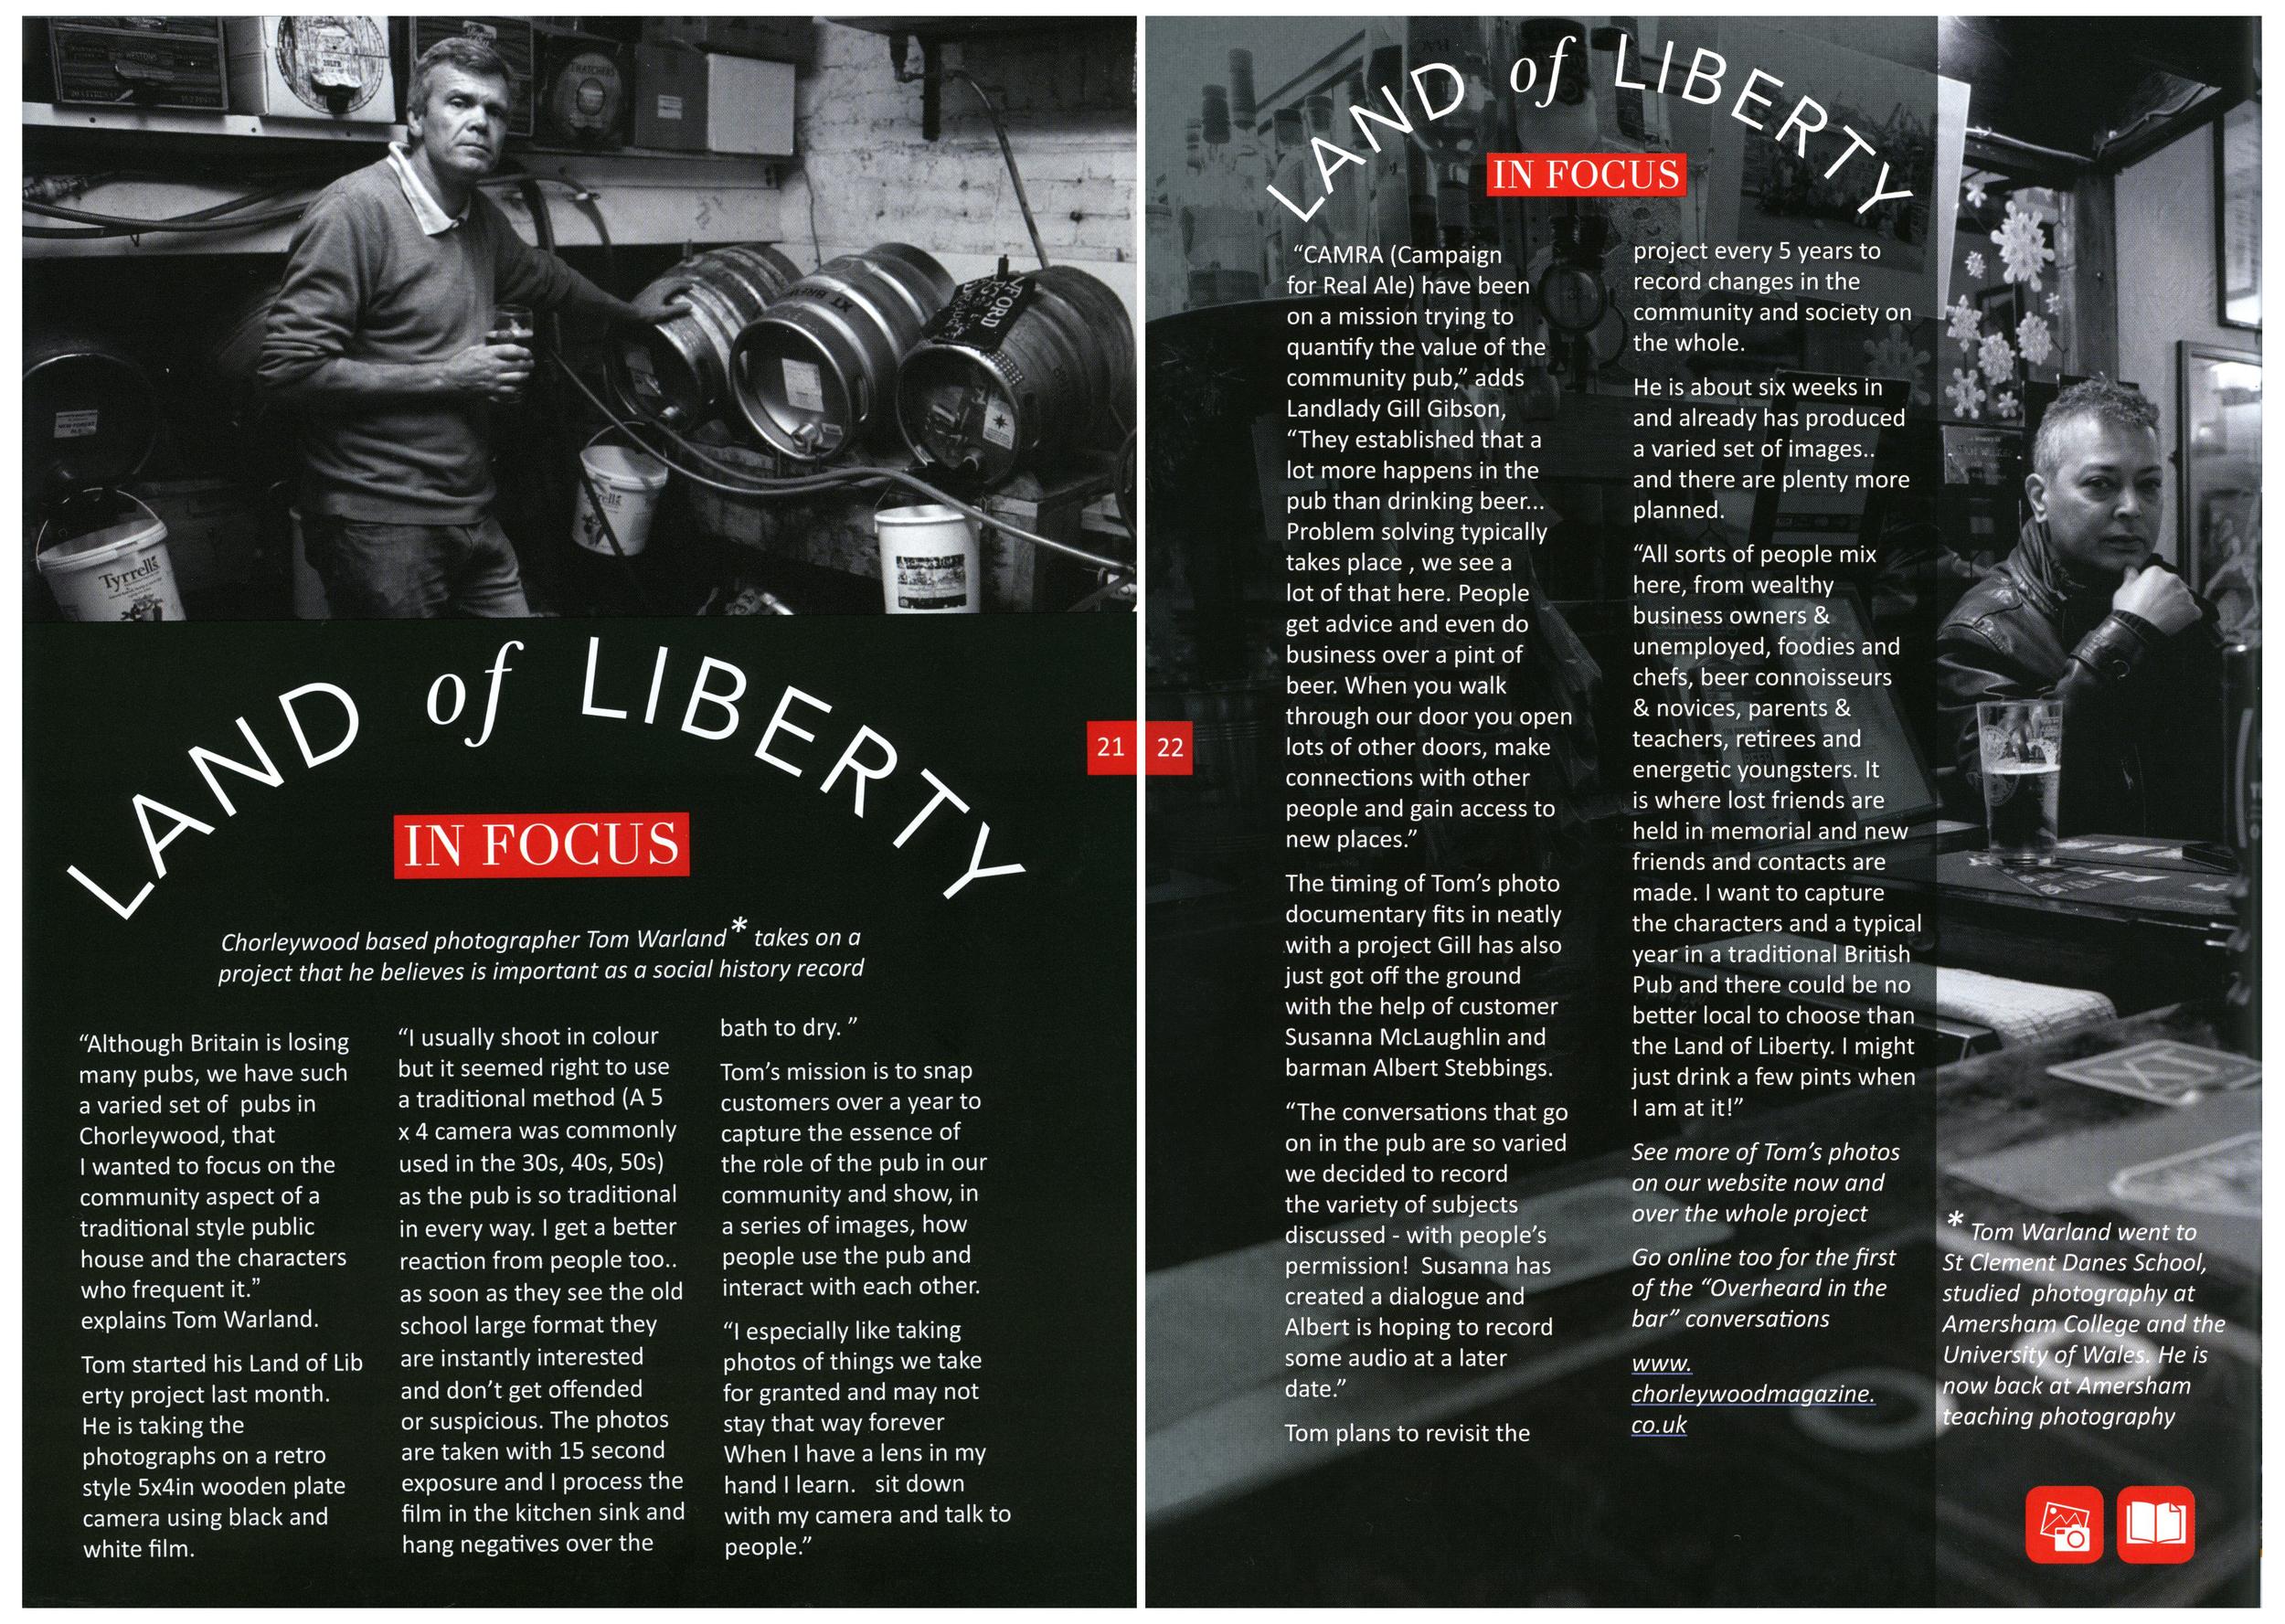 Chorleywood Magazine, February 2015, Page 21 - 22